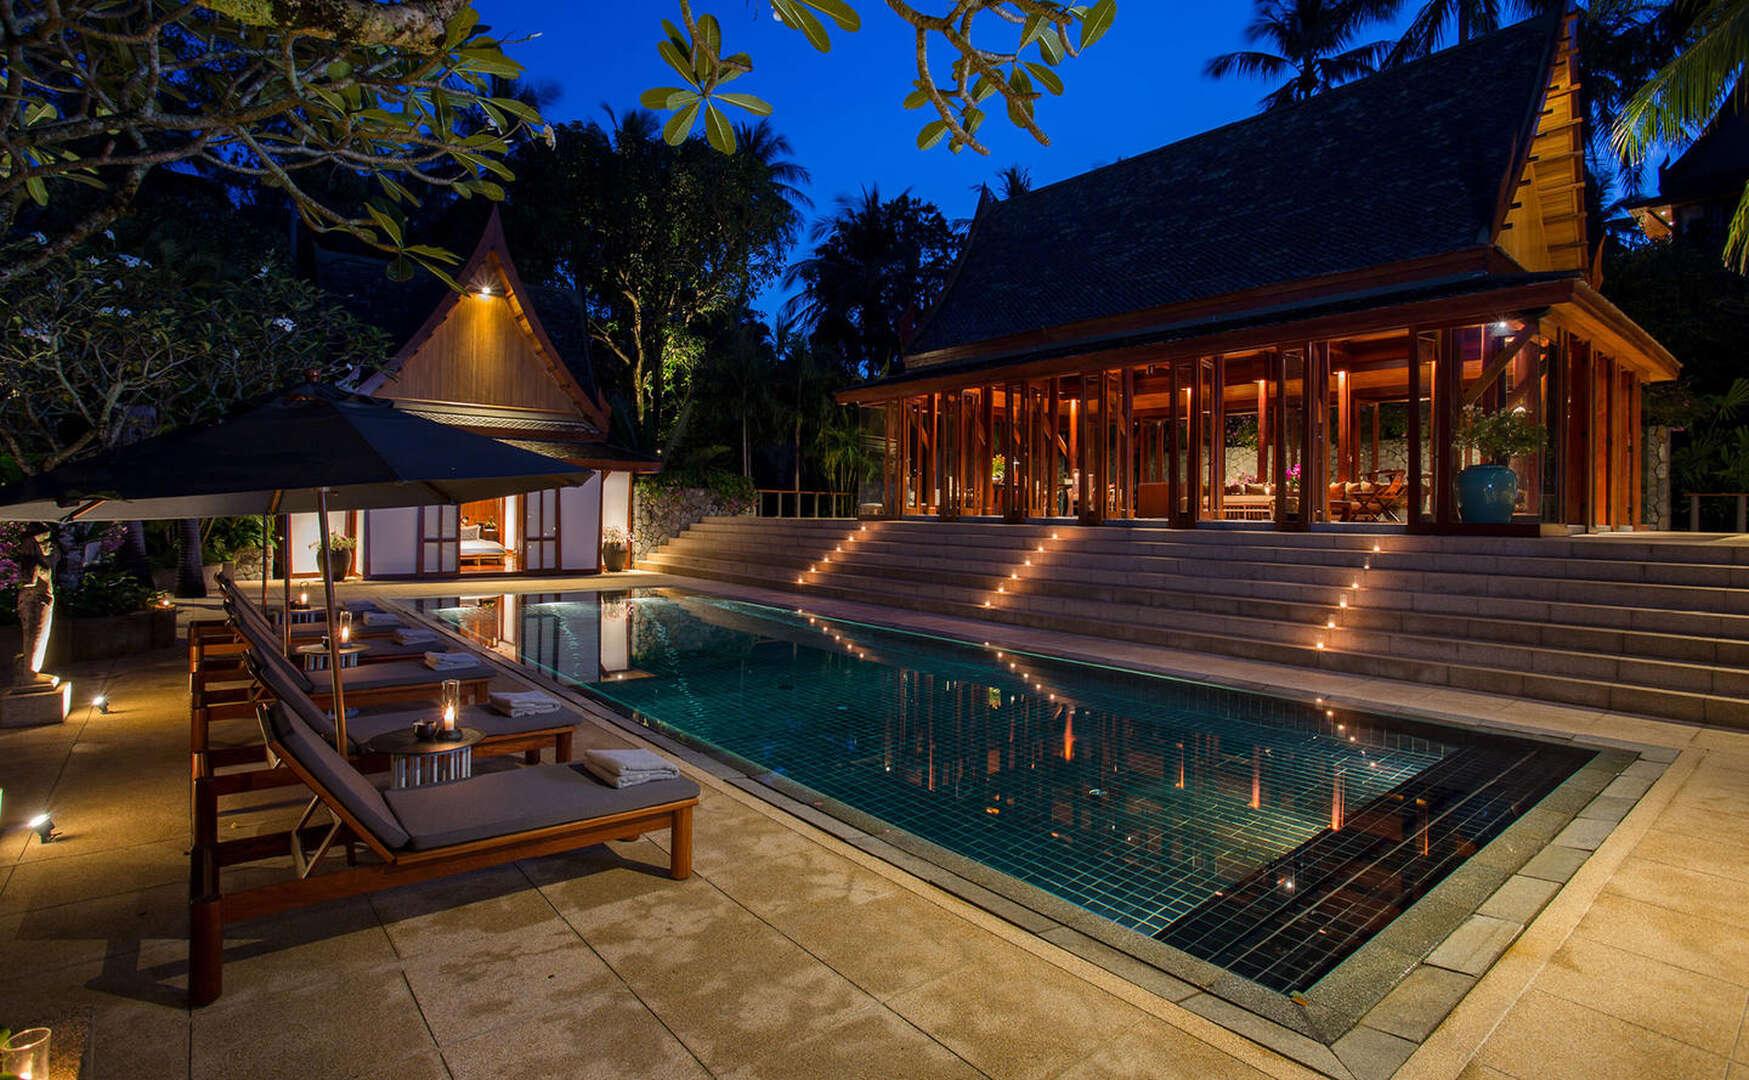 - 3 BDM Garden Villa - Image 1/5